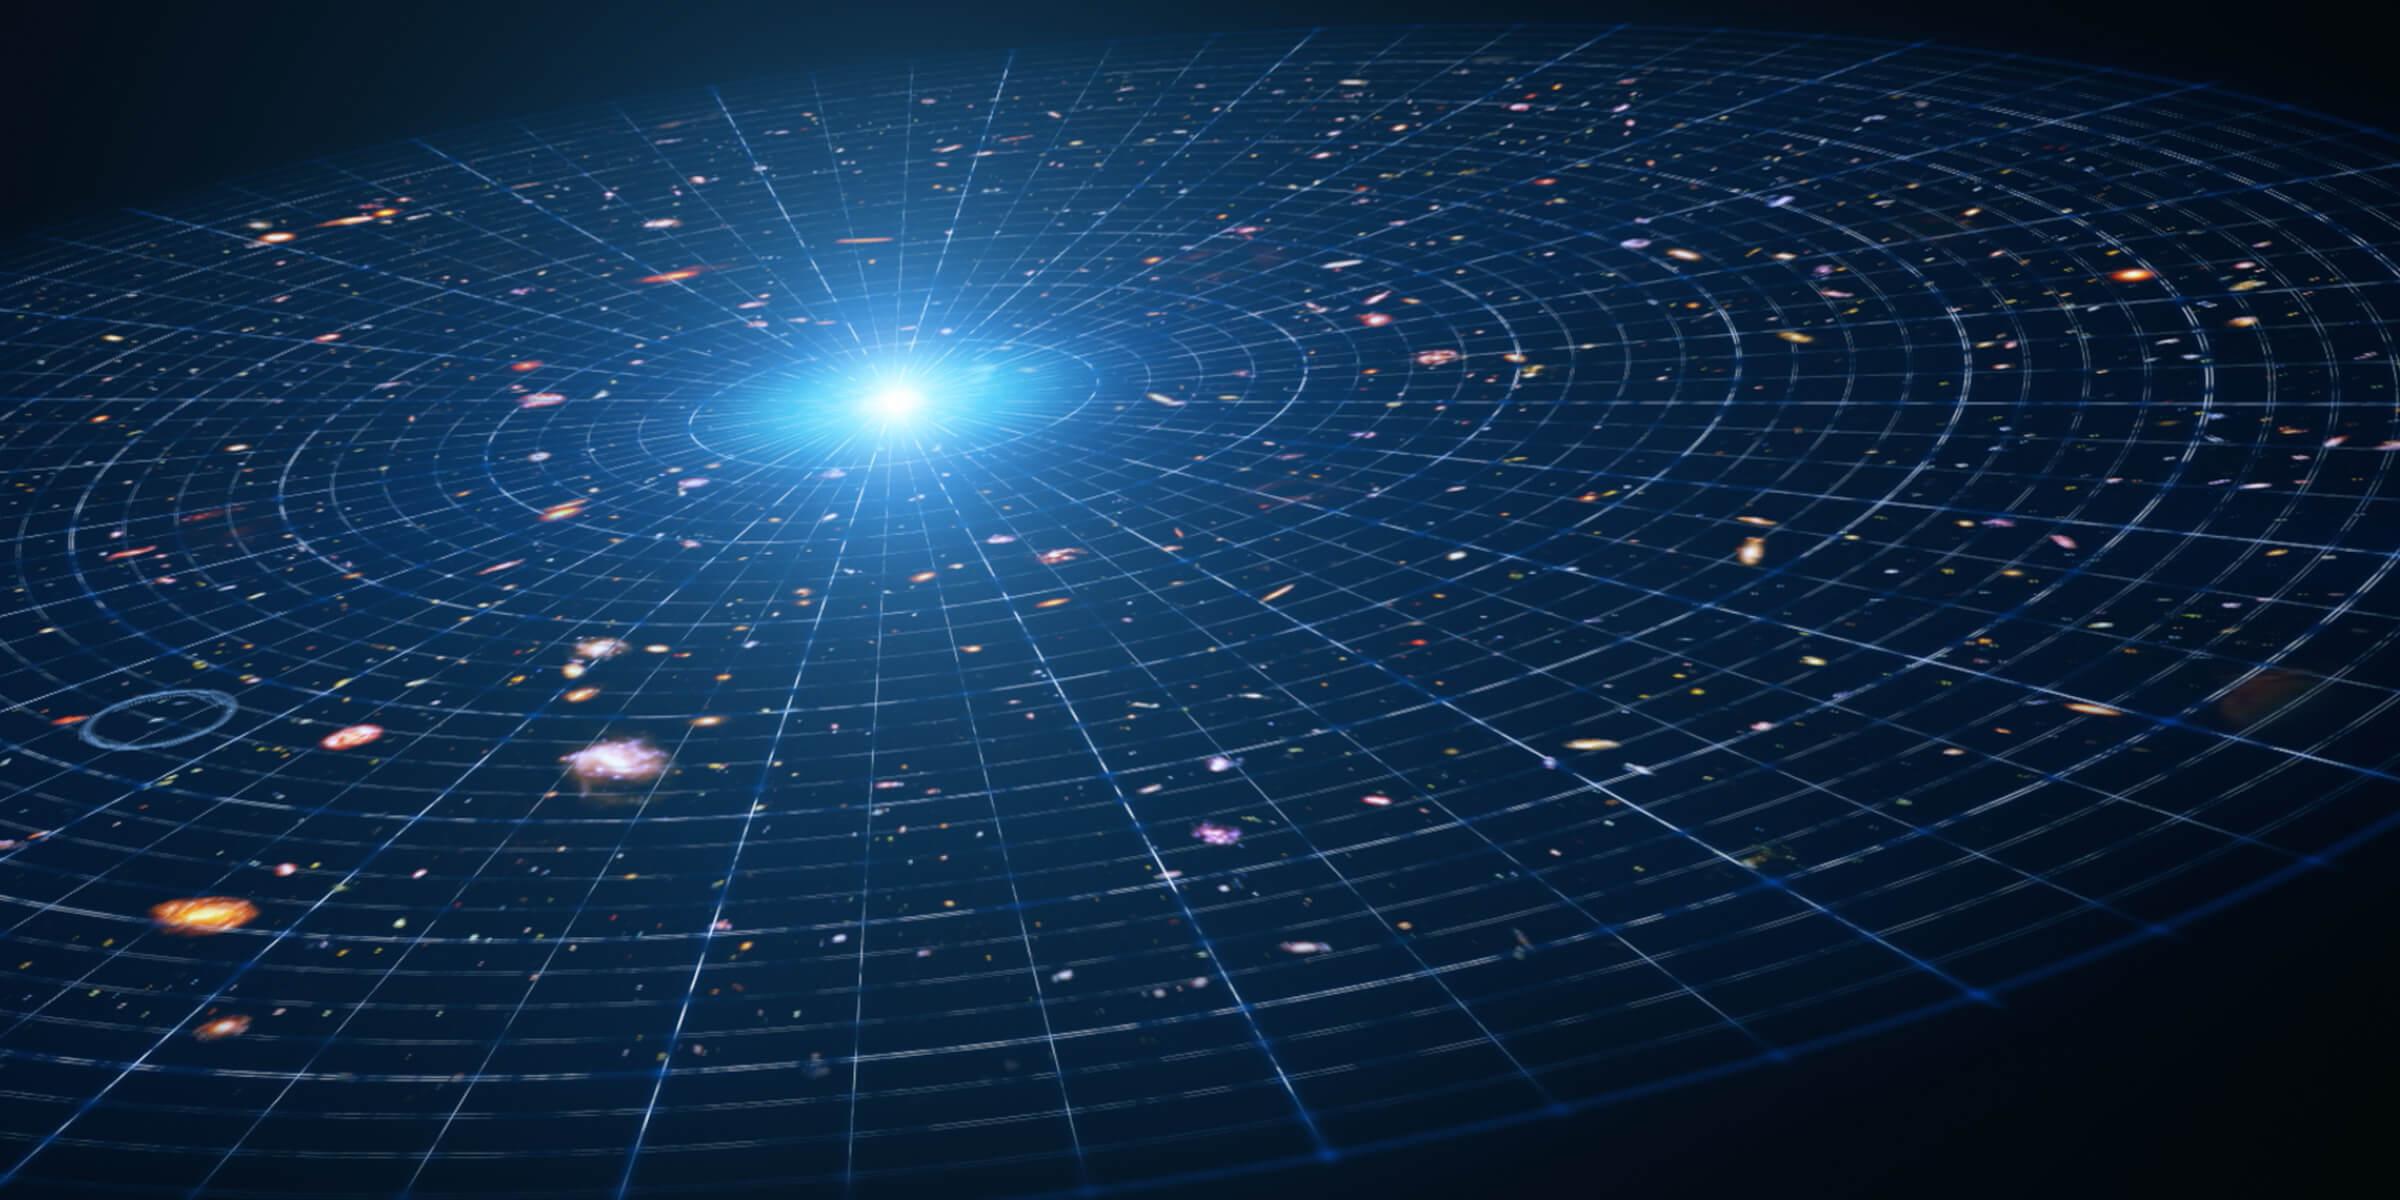 Физики переосмысли строение Вселенной. Темная энергия больше не нужна